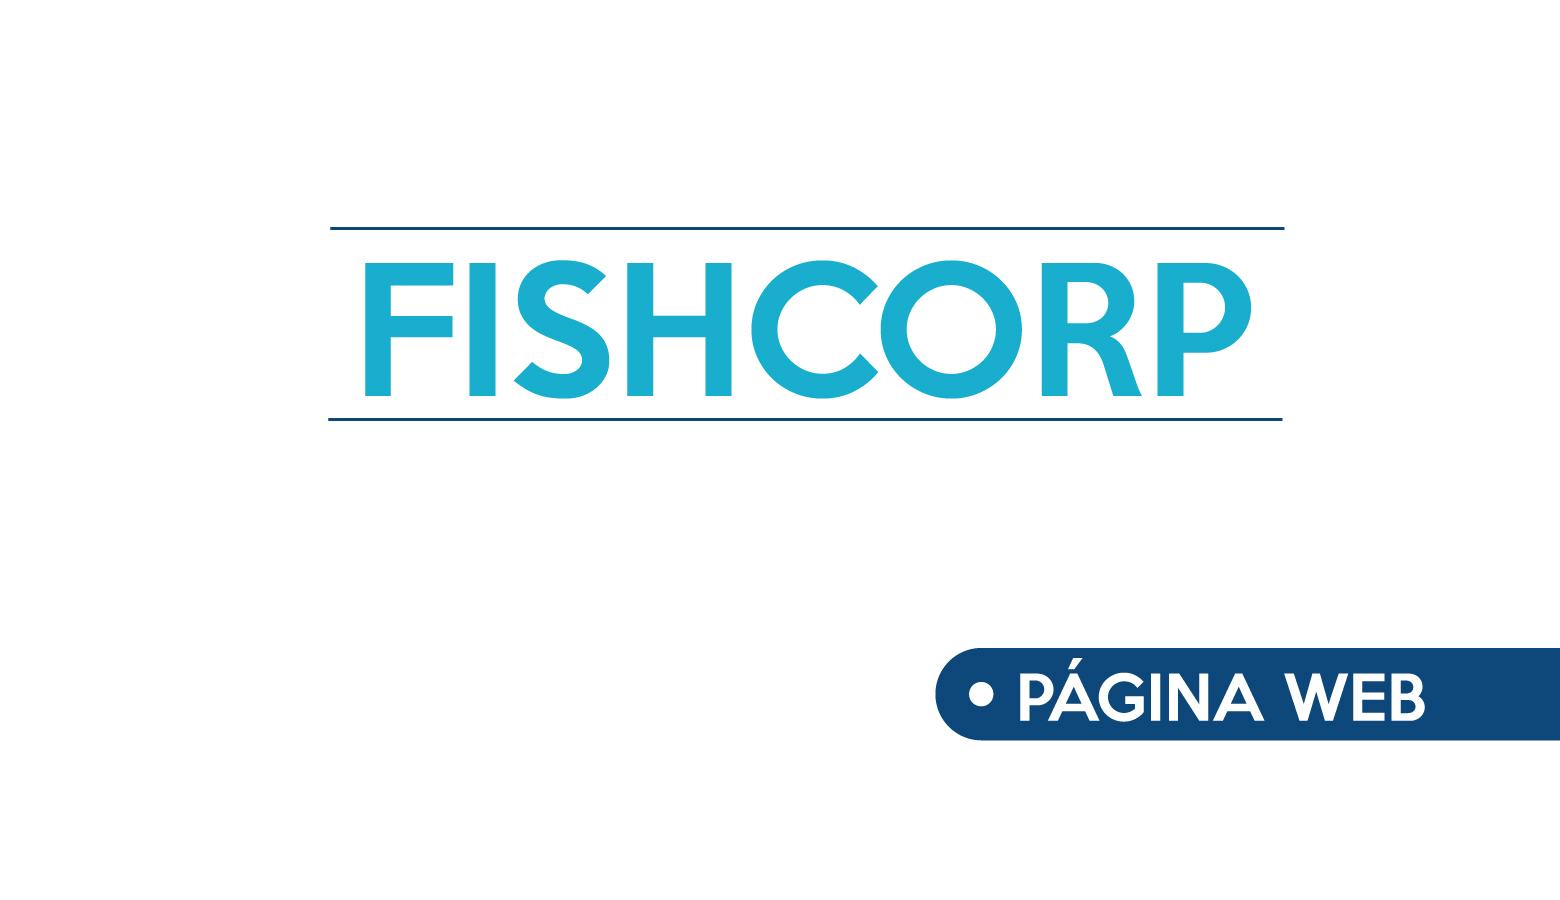 fishcorp